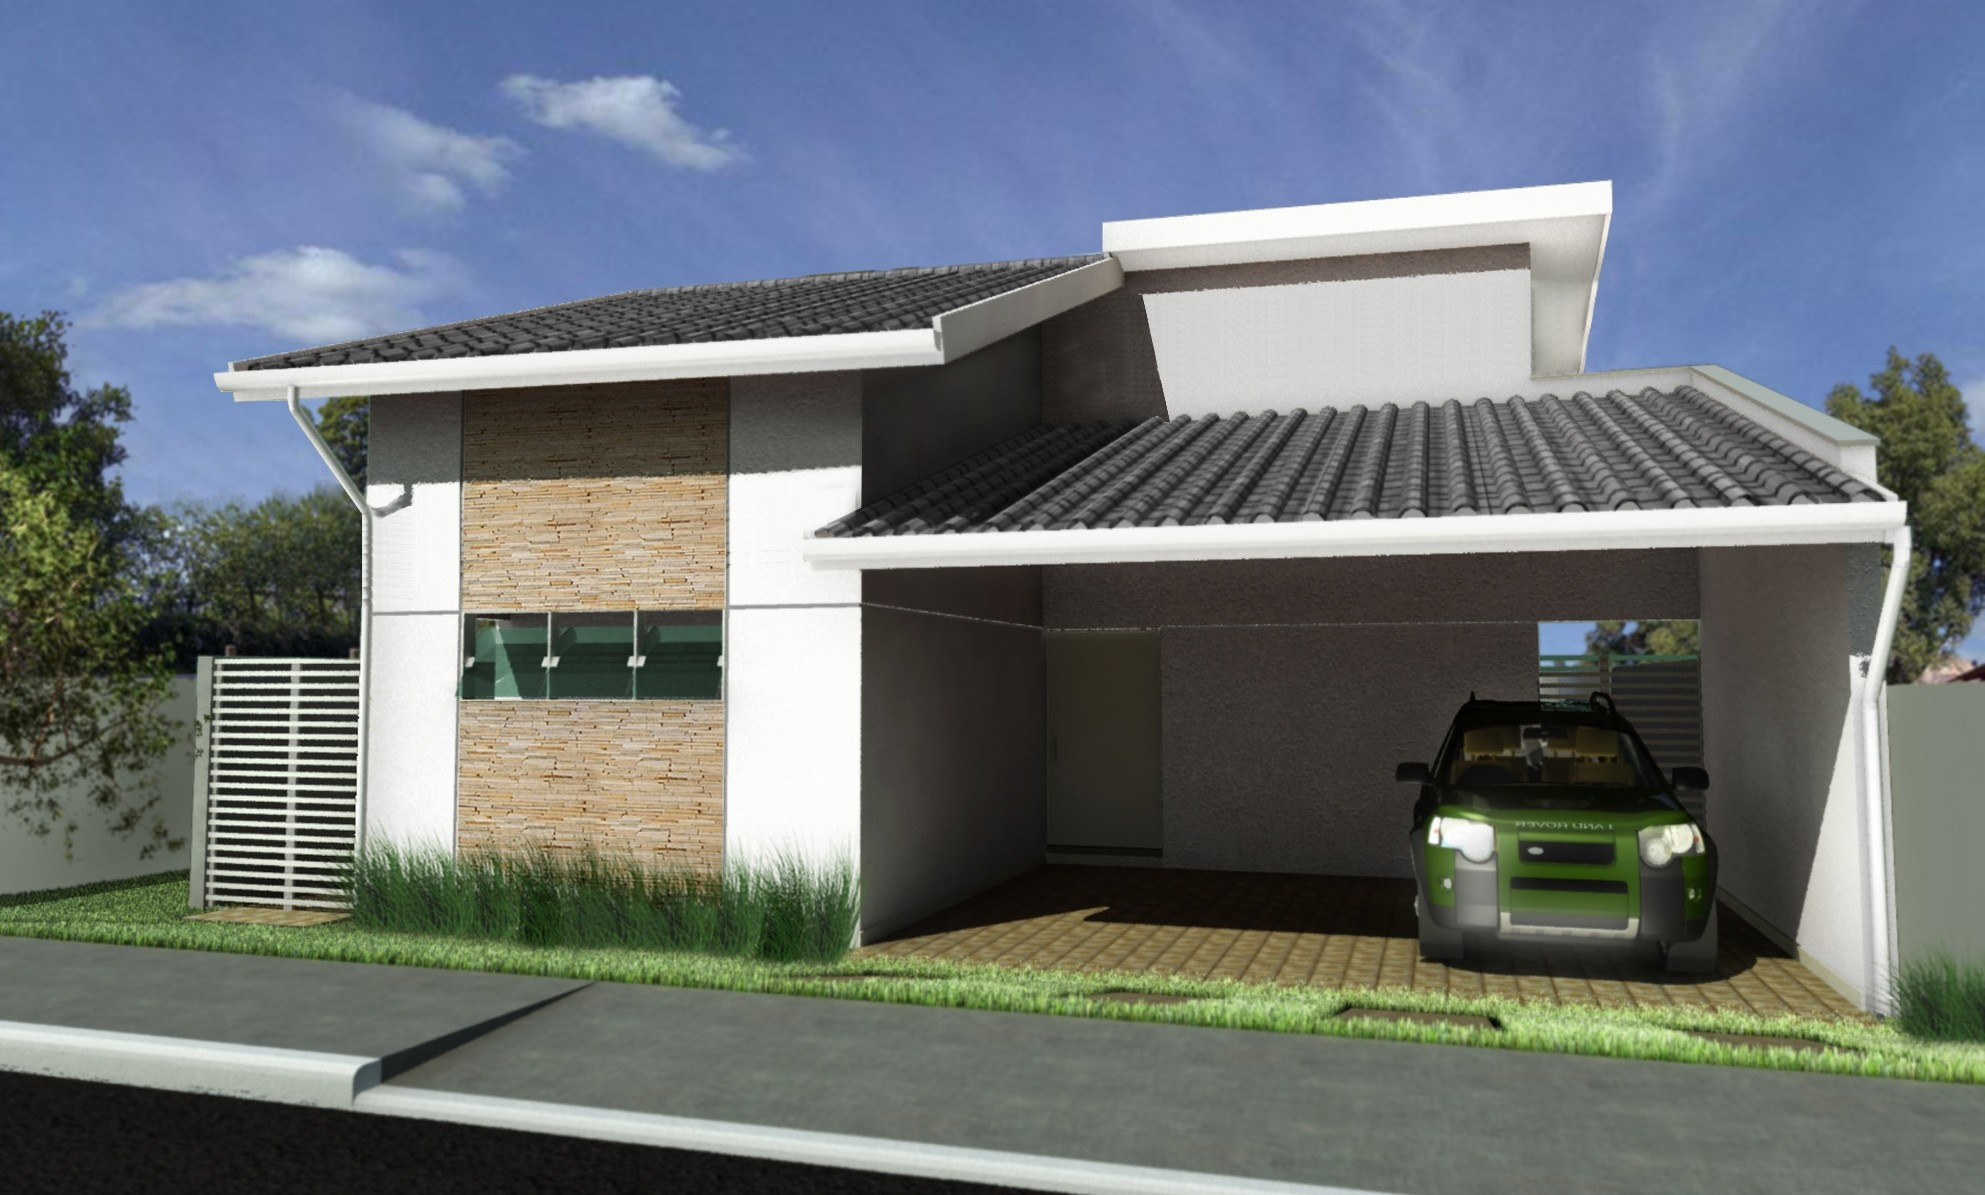 18 modelos de fachadas de casas modernas for Modelos cielorrasos para casas